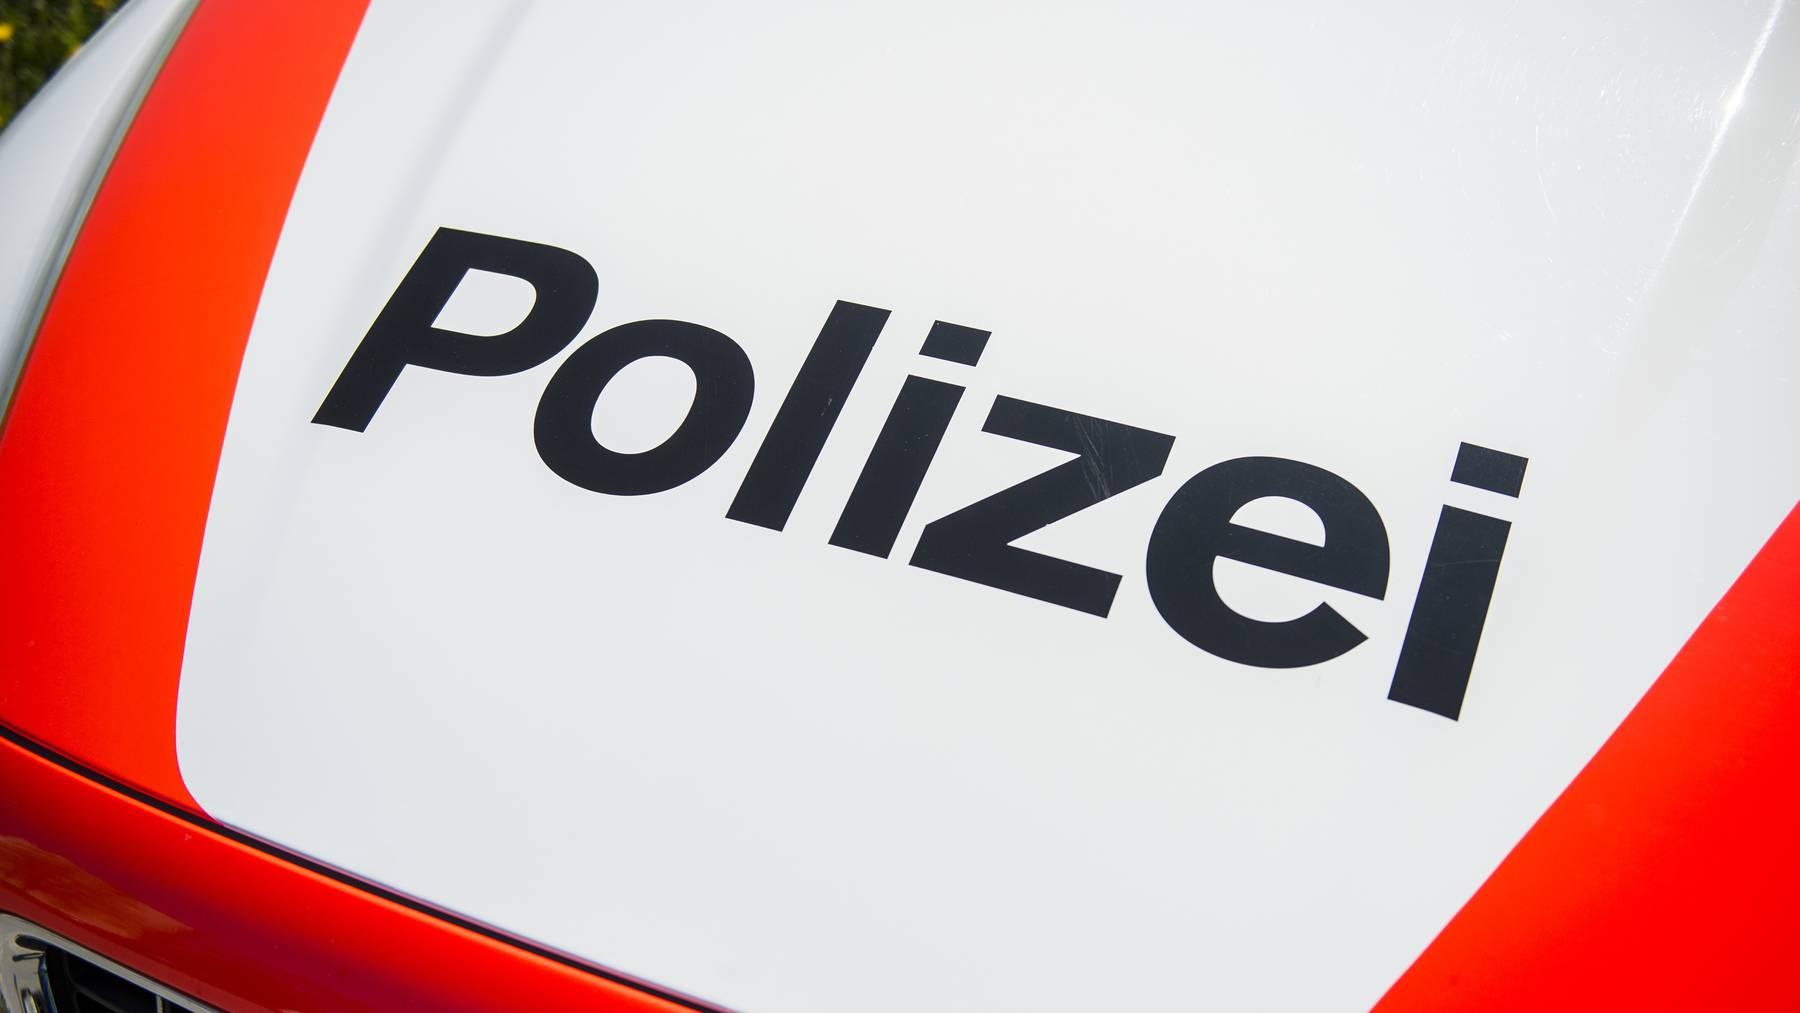 Polizei Thurgau Symbolbild